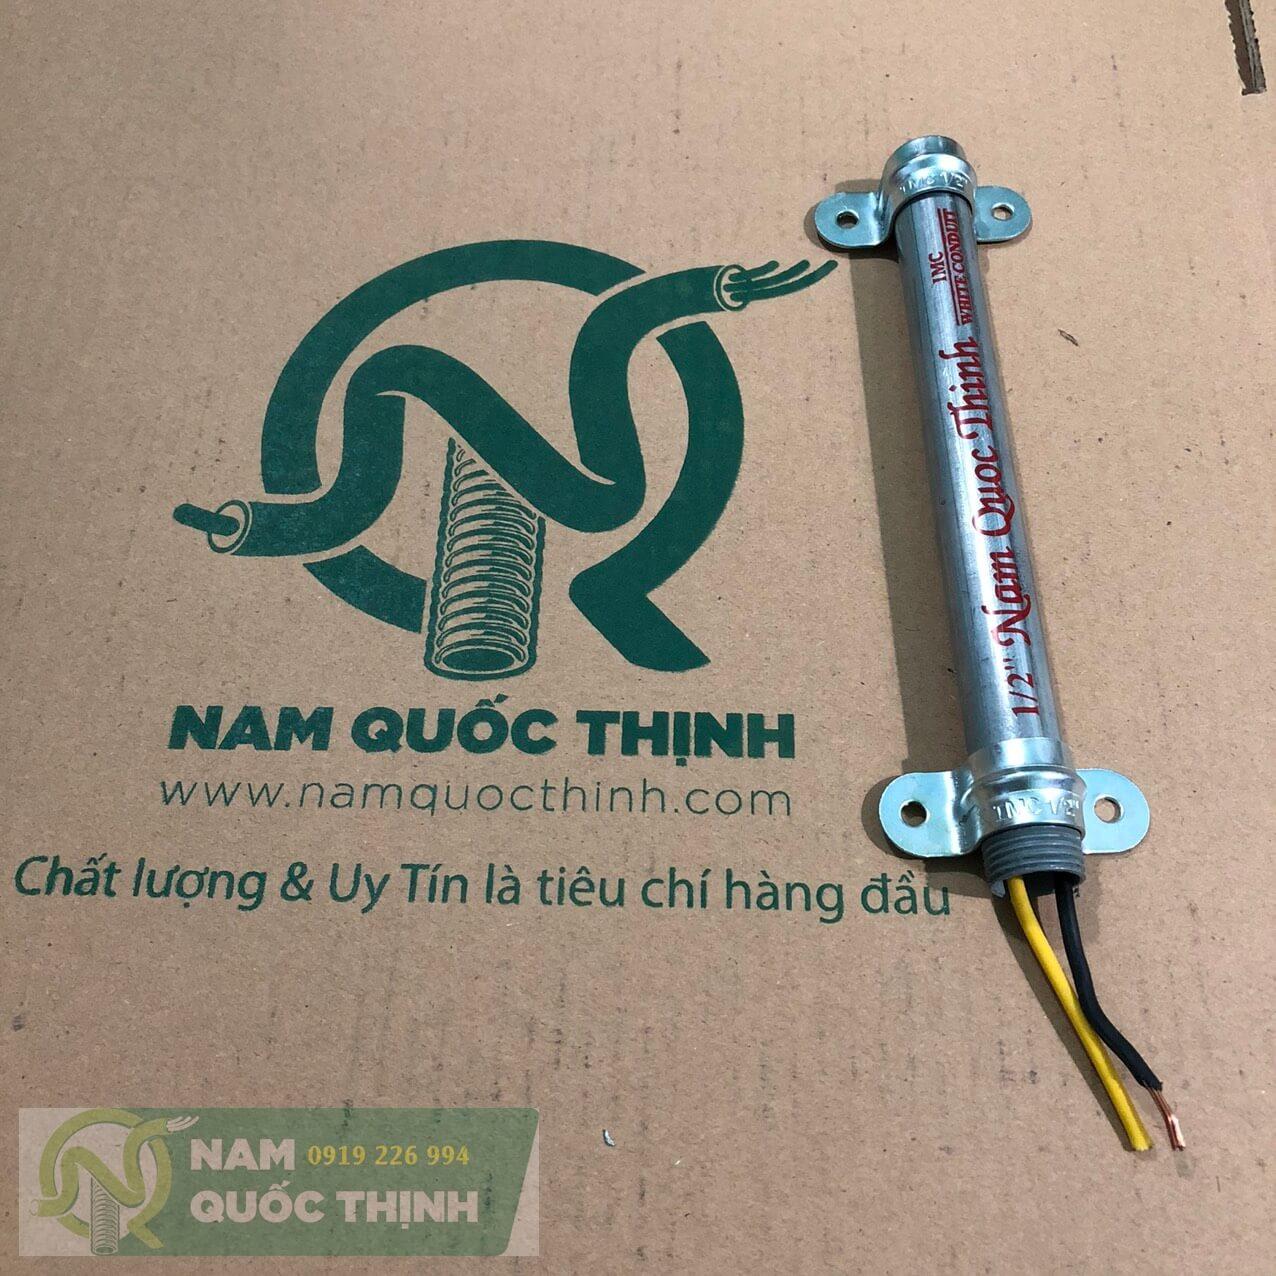 Kẹp ống không đế ống thép imc luồn dây điện